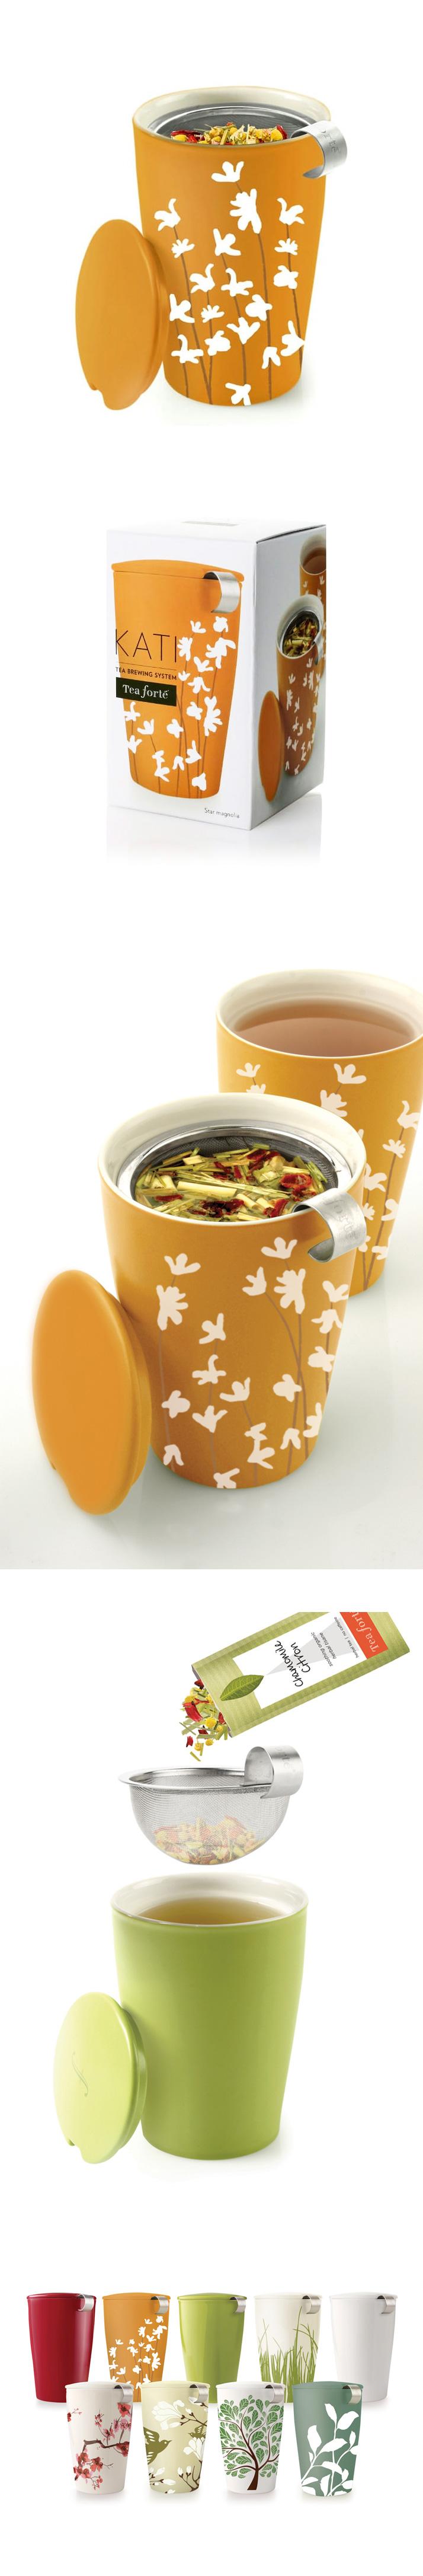 Tea Forte 卡緹茗茶杯 星蘭